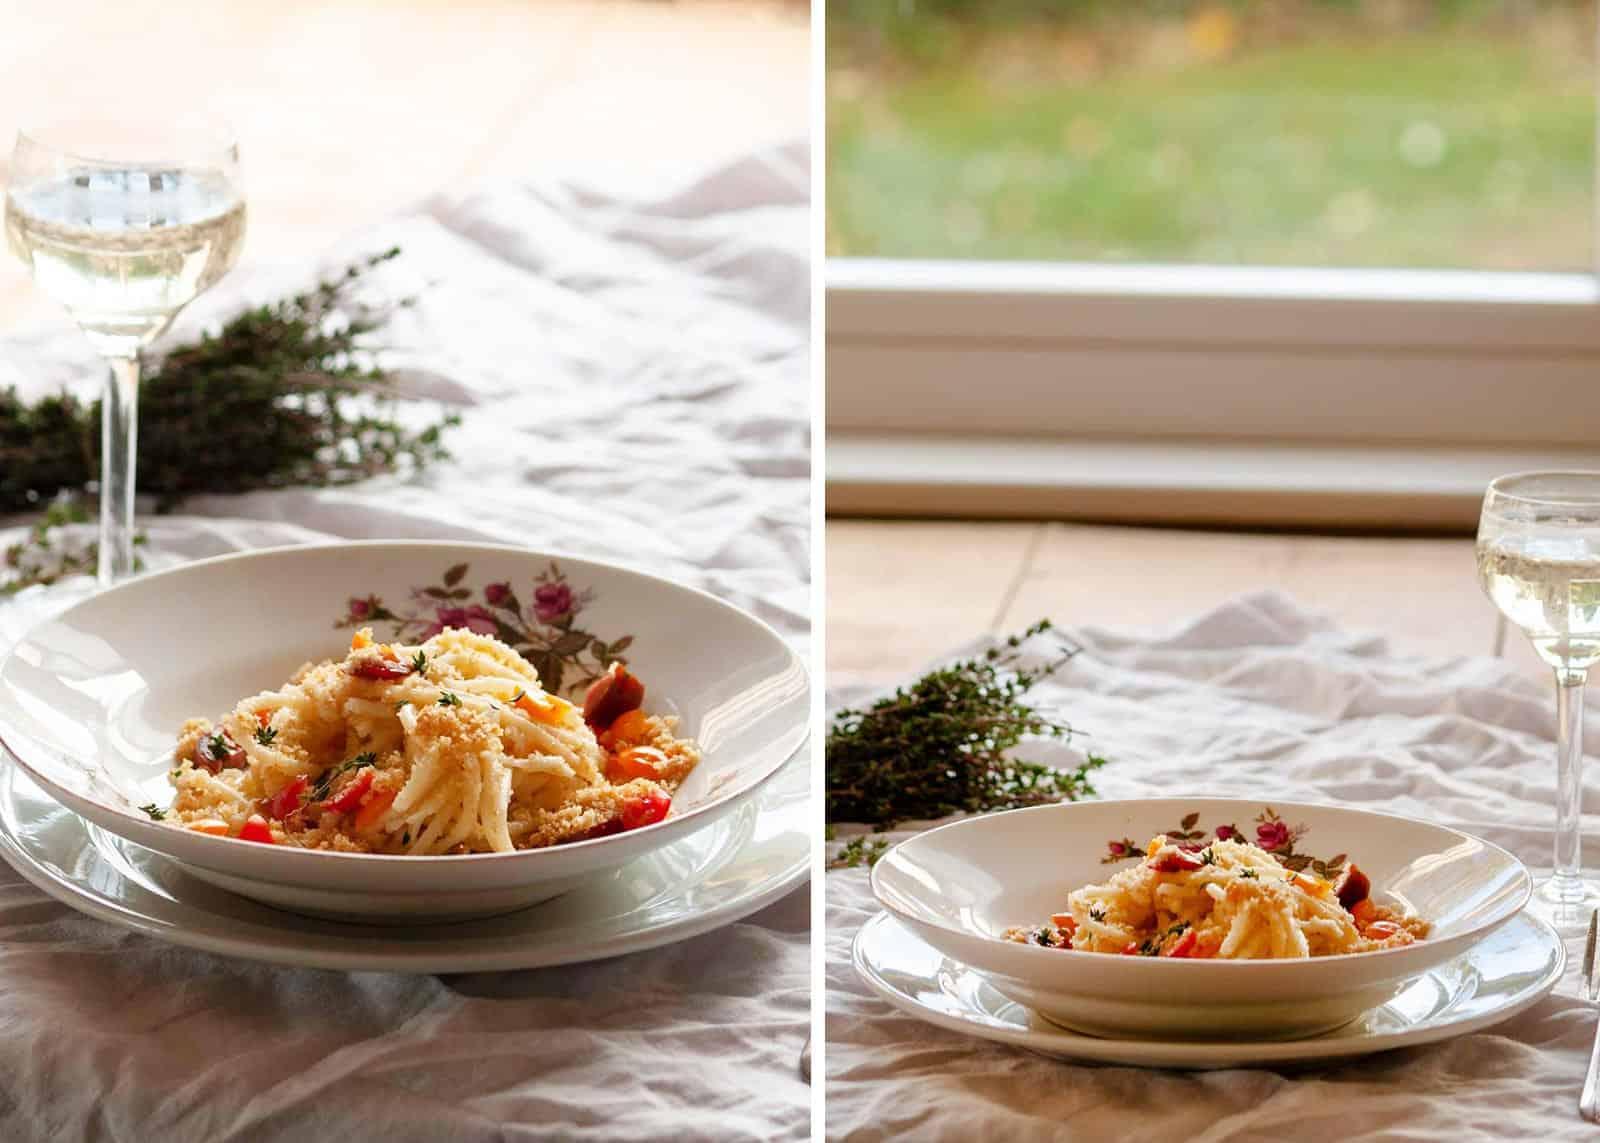 Spaghetti nach Fuhrmannsart